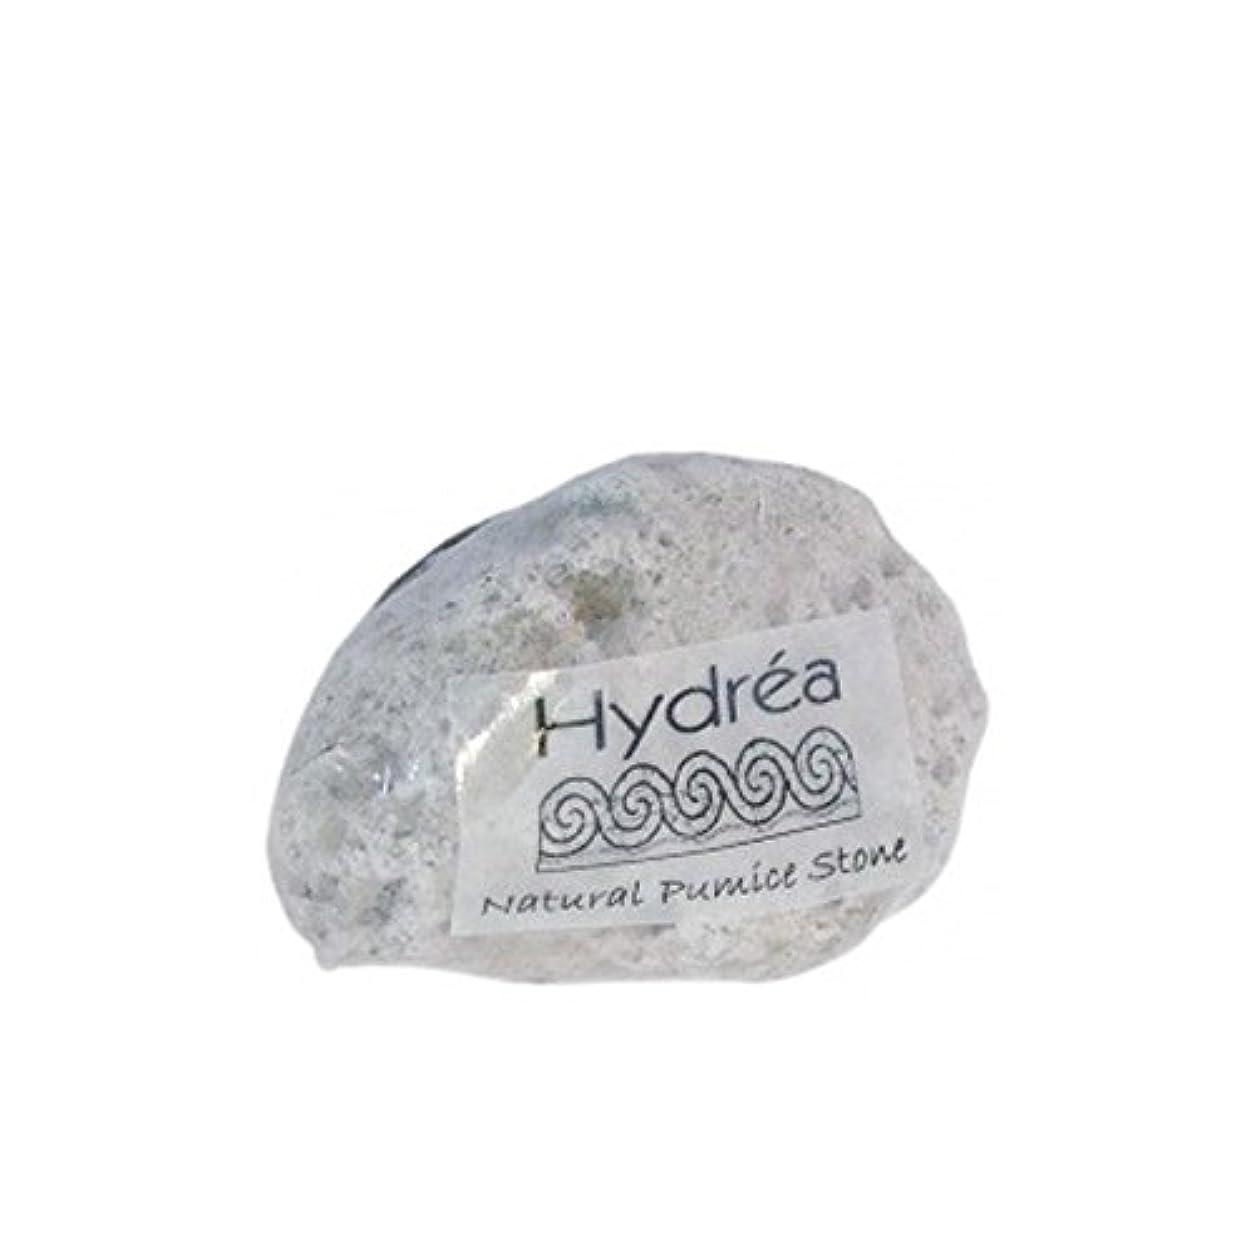 トラック冒険者人に関する限りHydrea London - Natural Pumice Stone (Pack of 6) - ハイドレアロンドン - 自然軽石 x6 [並行輸入品]